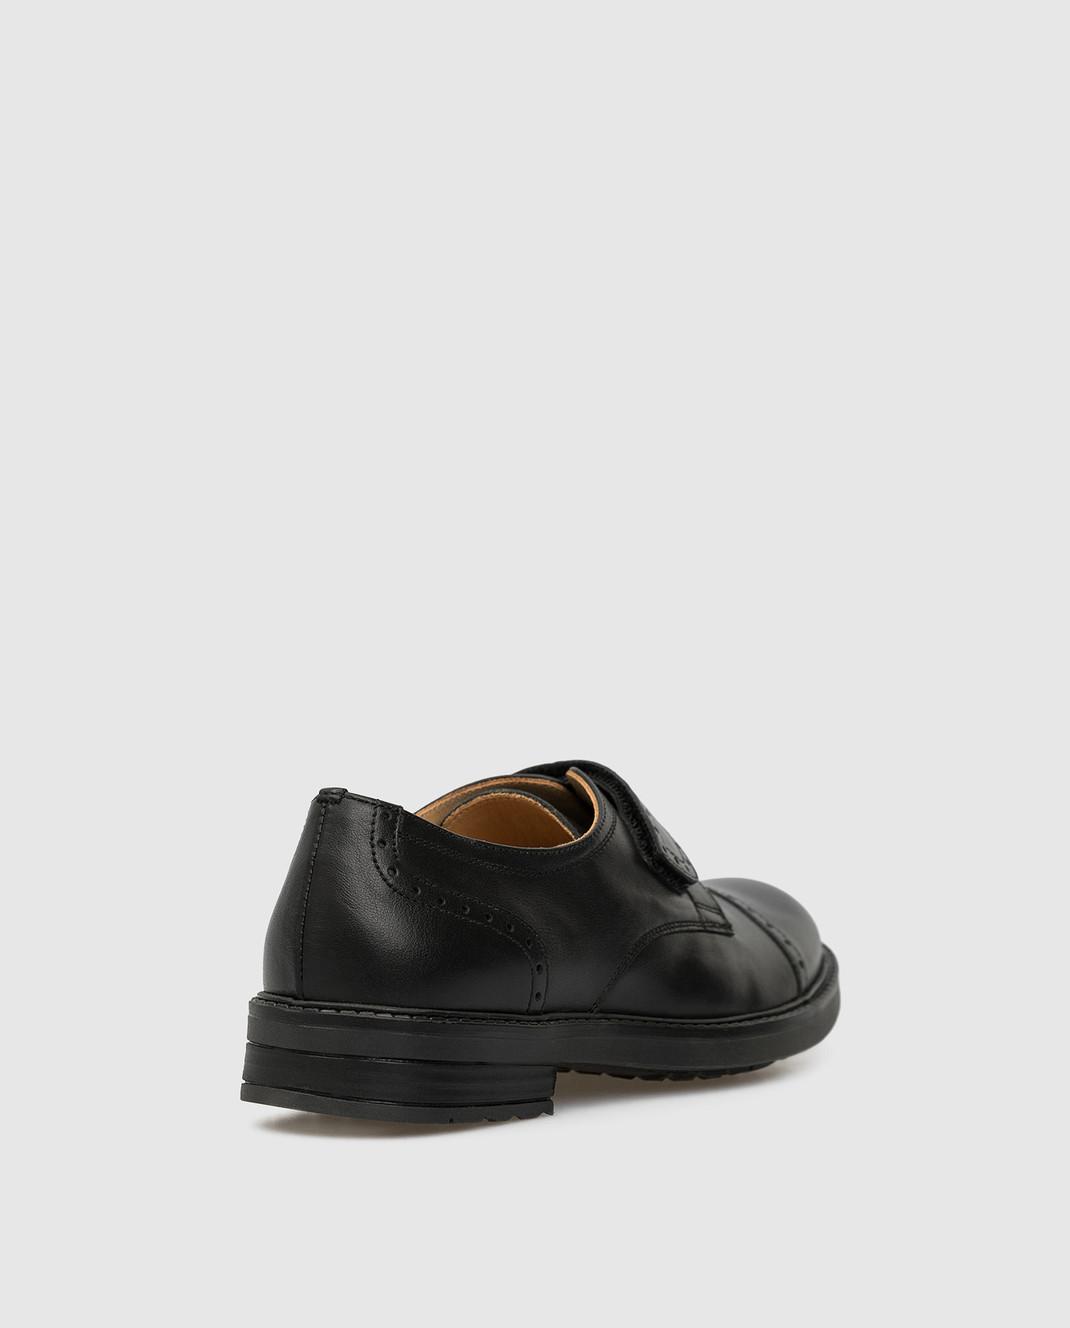 Zecchino D'oro Детские черные кожаные дерби M1575023640 изображение 3